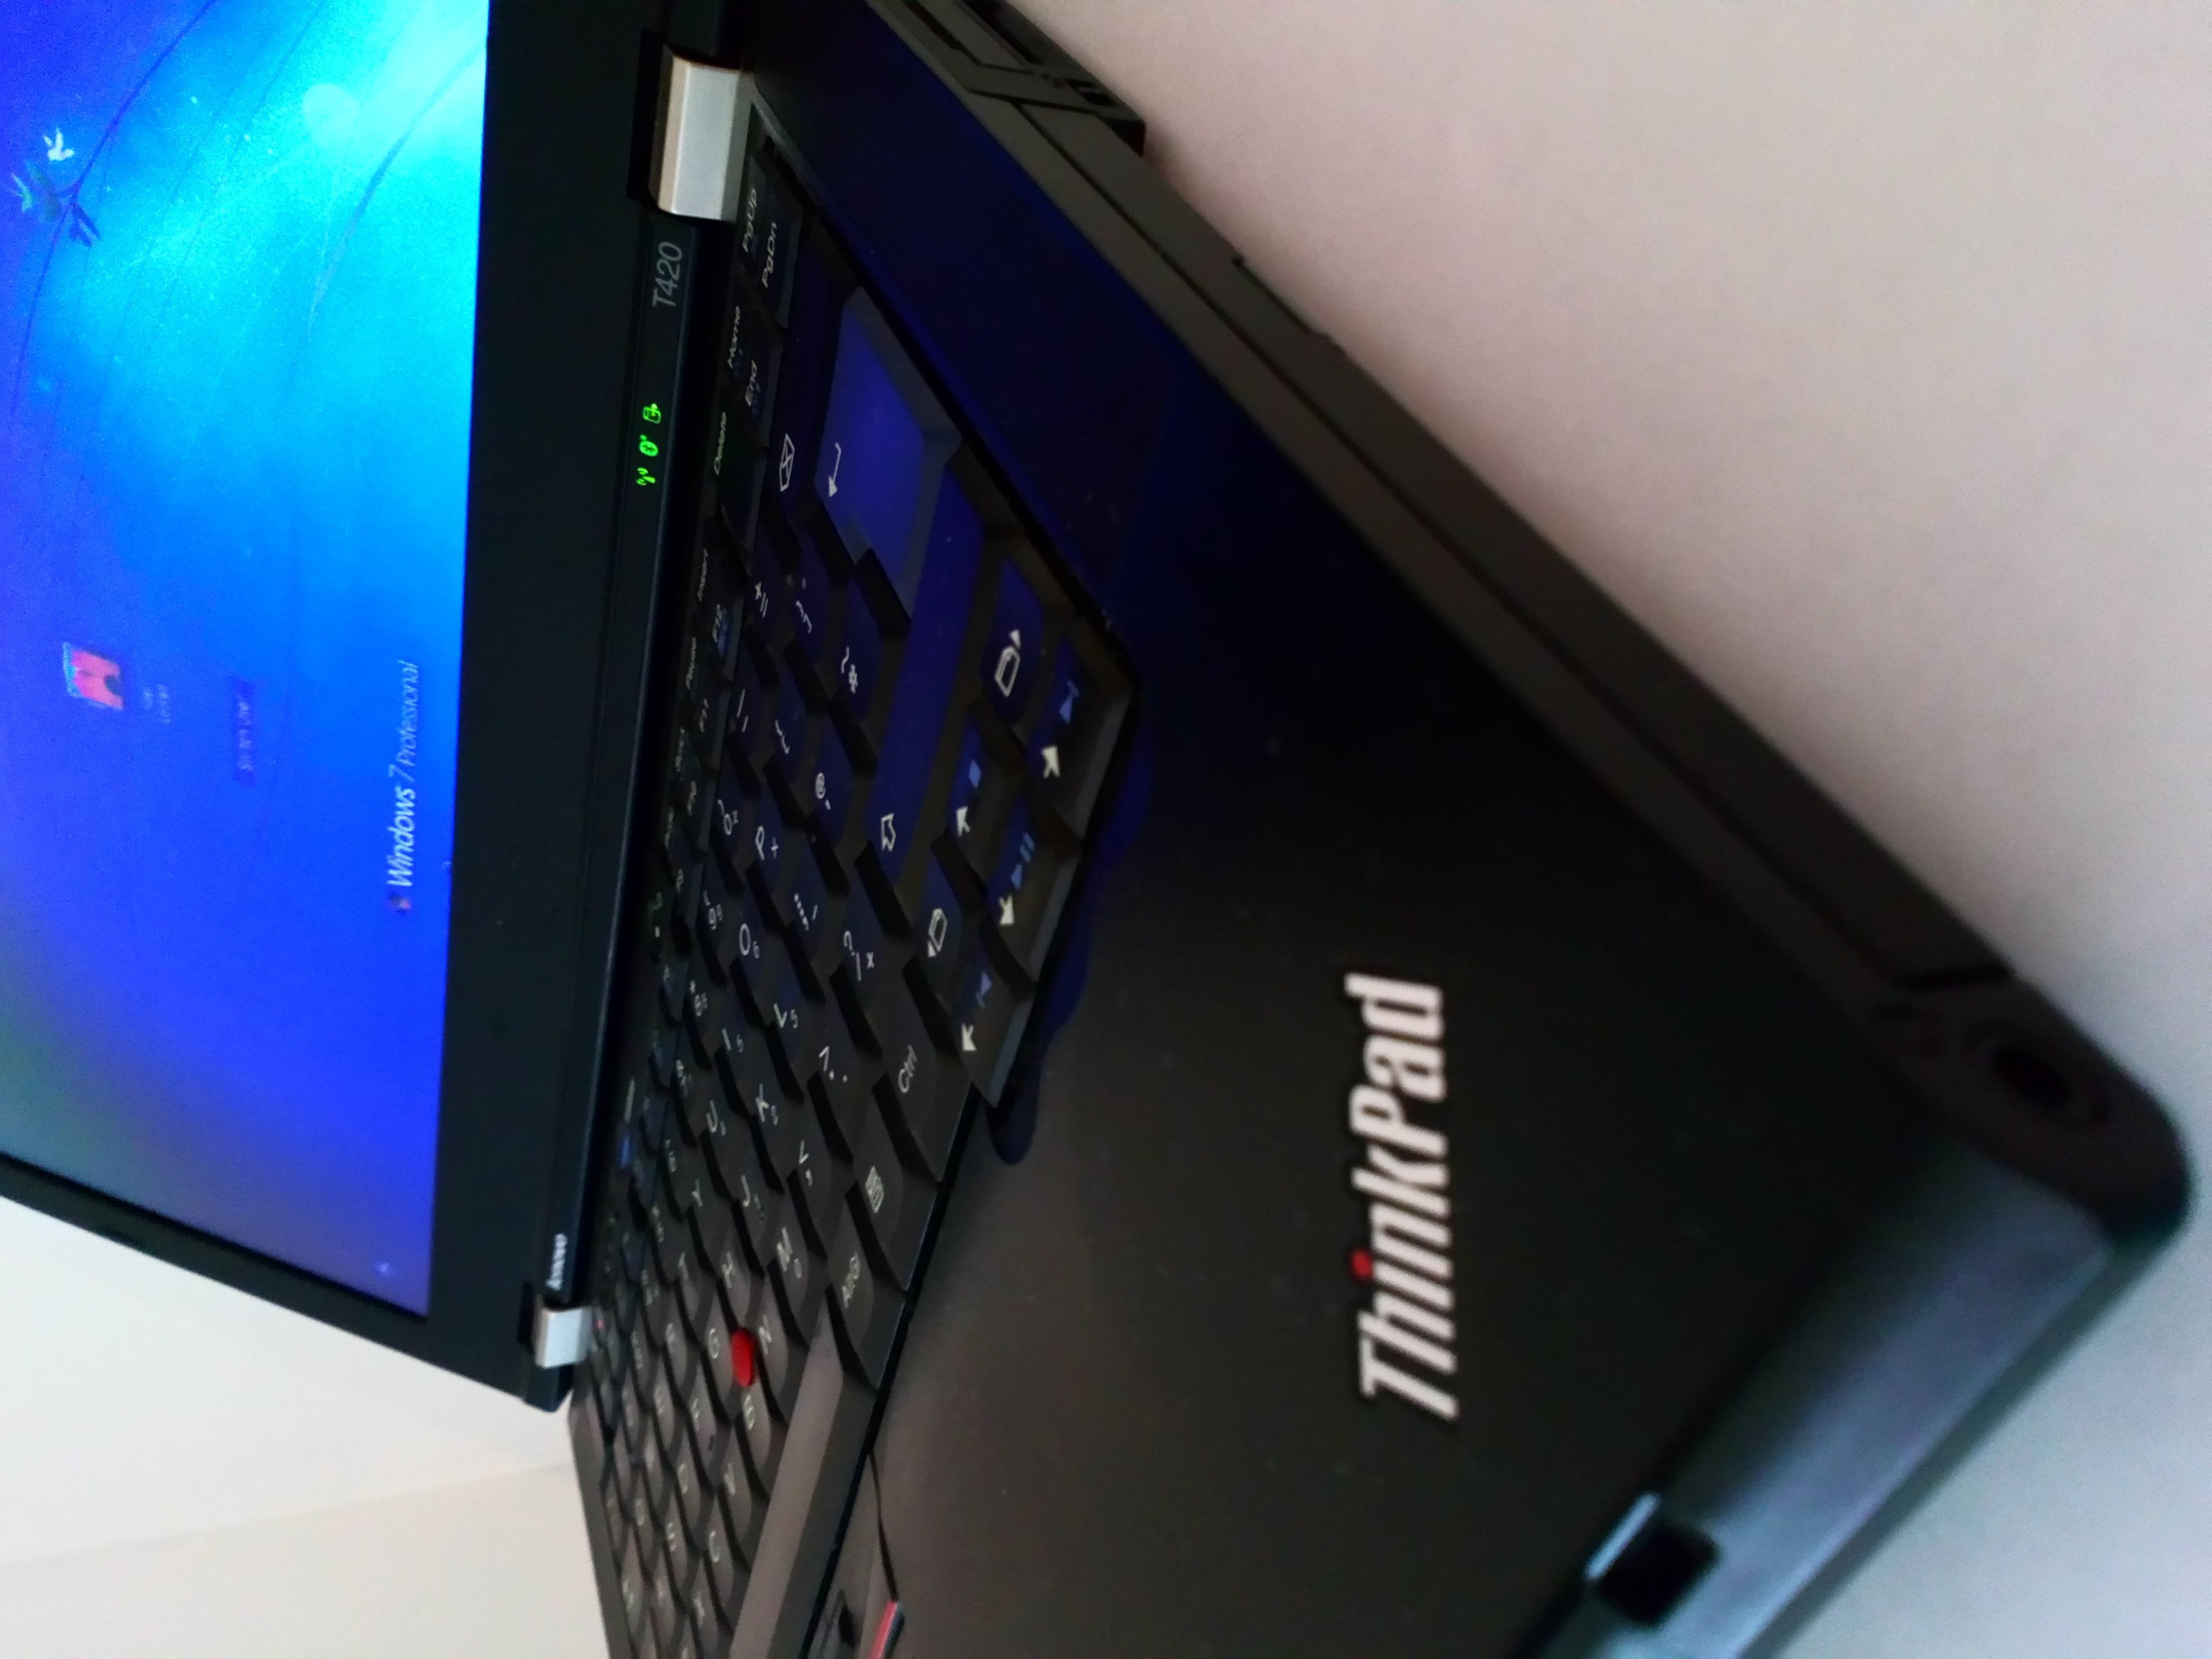 Lenovo Thinkpad 4GB - NEEDS NEW BATTERY